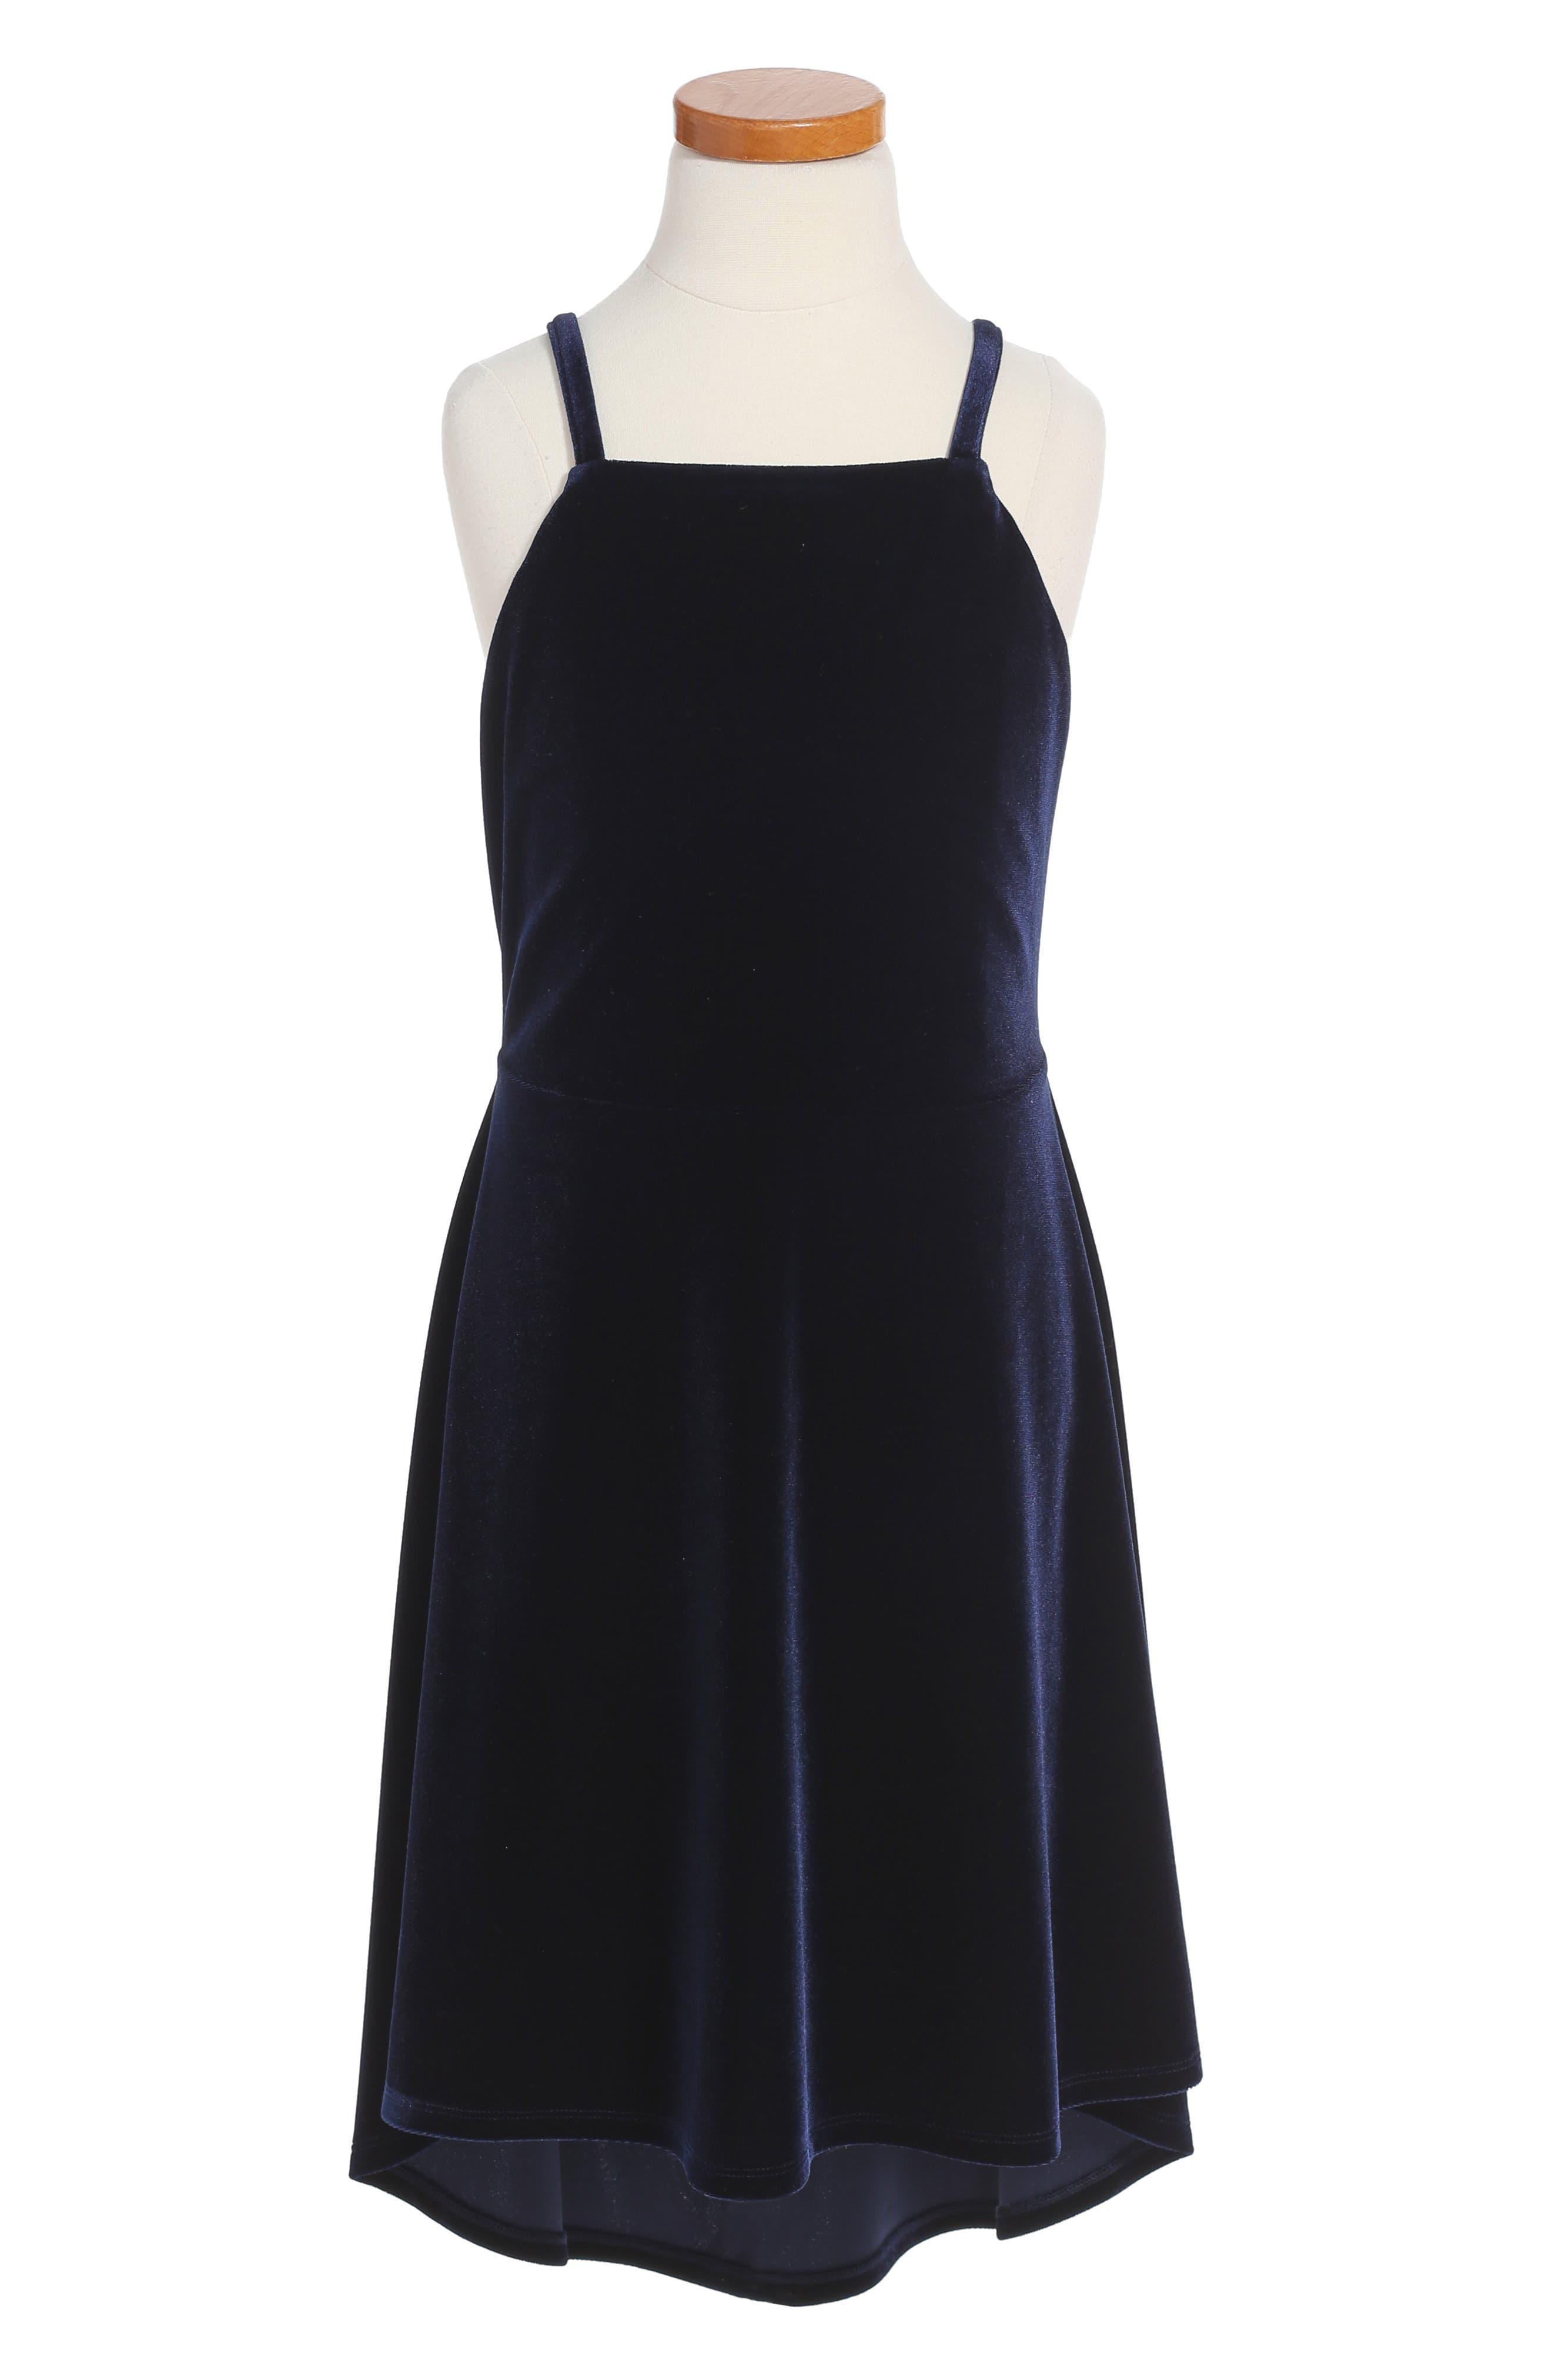 Alternate Image 1 Selected - Bardot Junior Velvet Skater Dress (Big Girls)